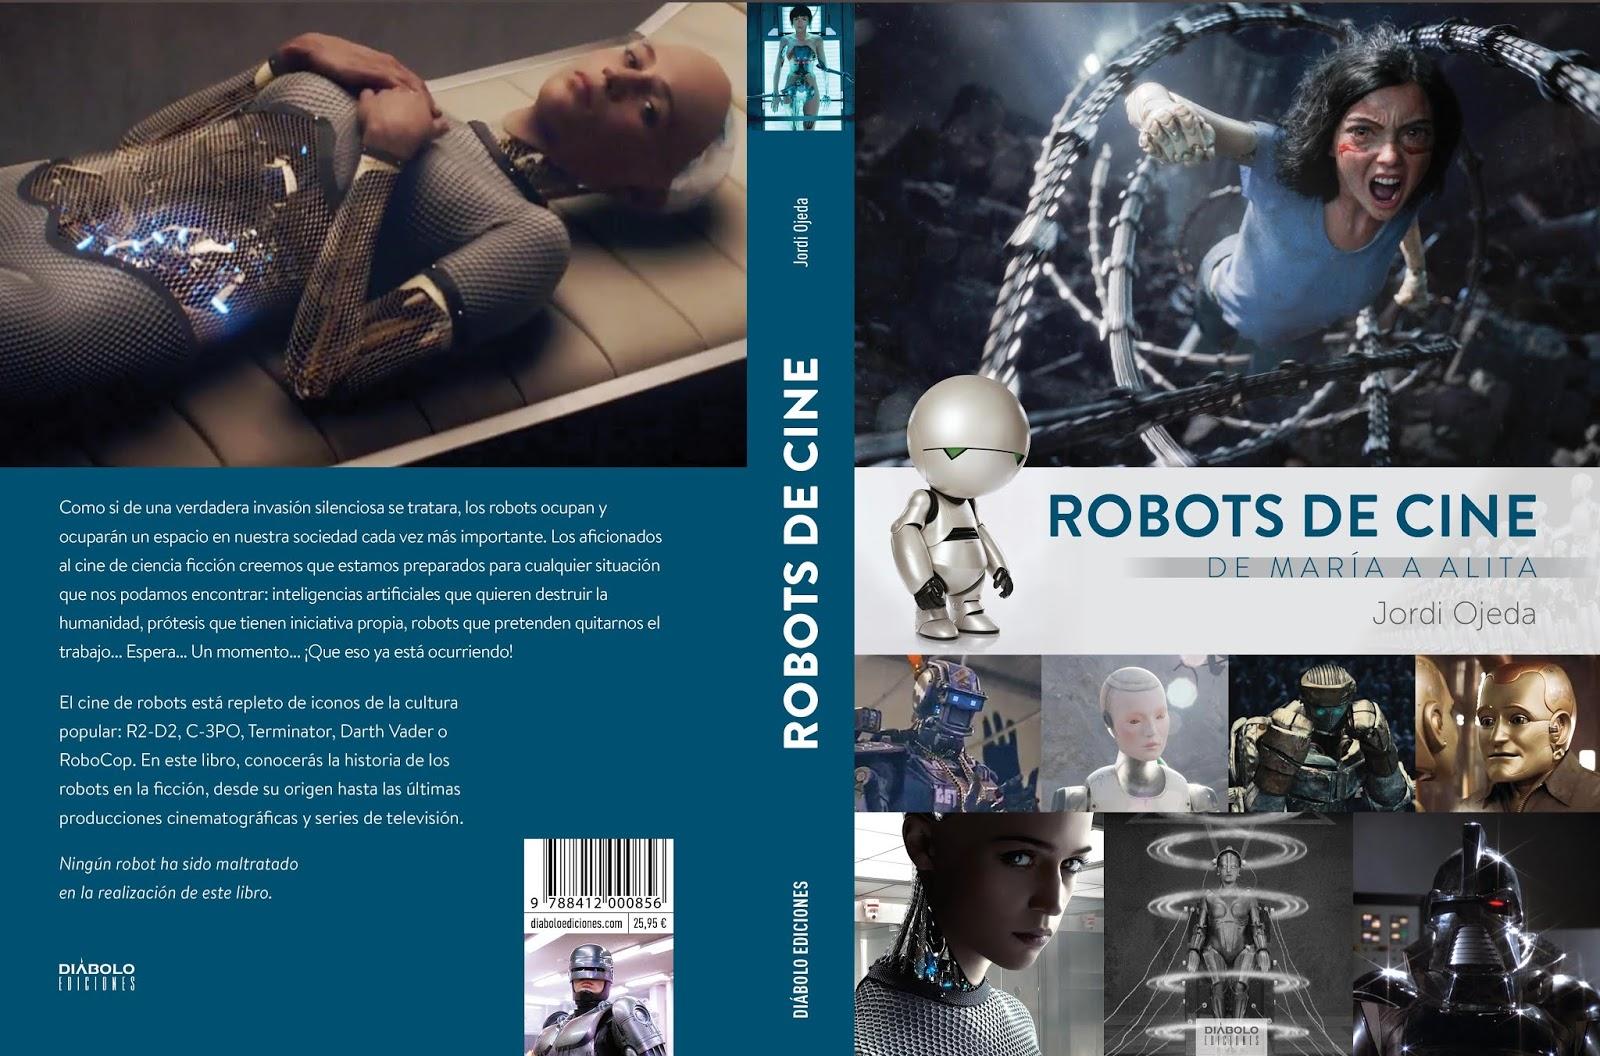 Para obtener más información sobre el libro y ojear algunas páginas pueden  visitar sus blogs desde los siguientes enlaces: